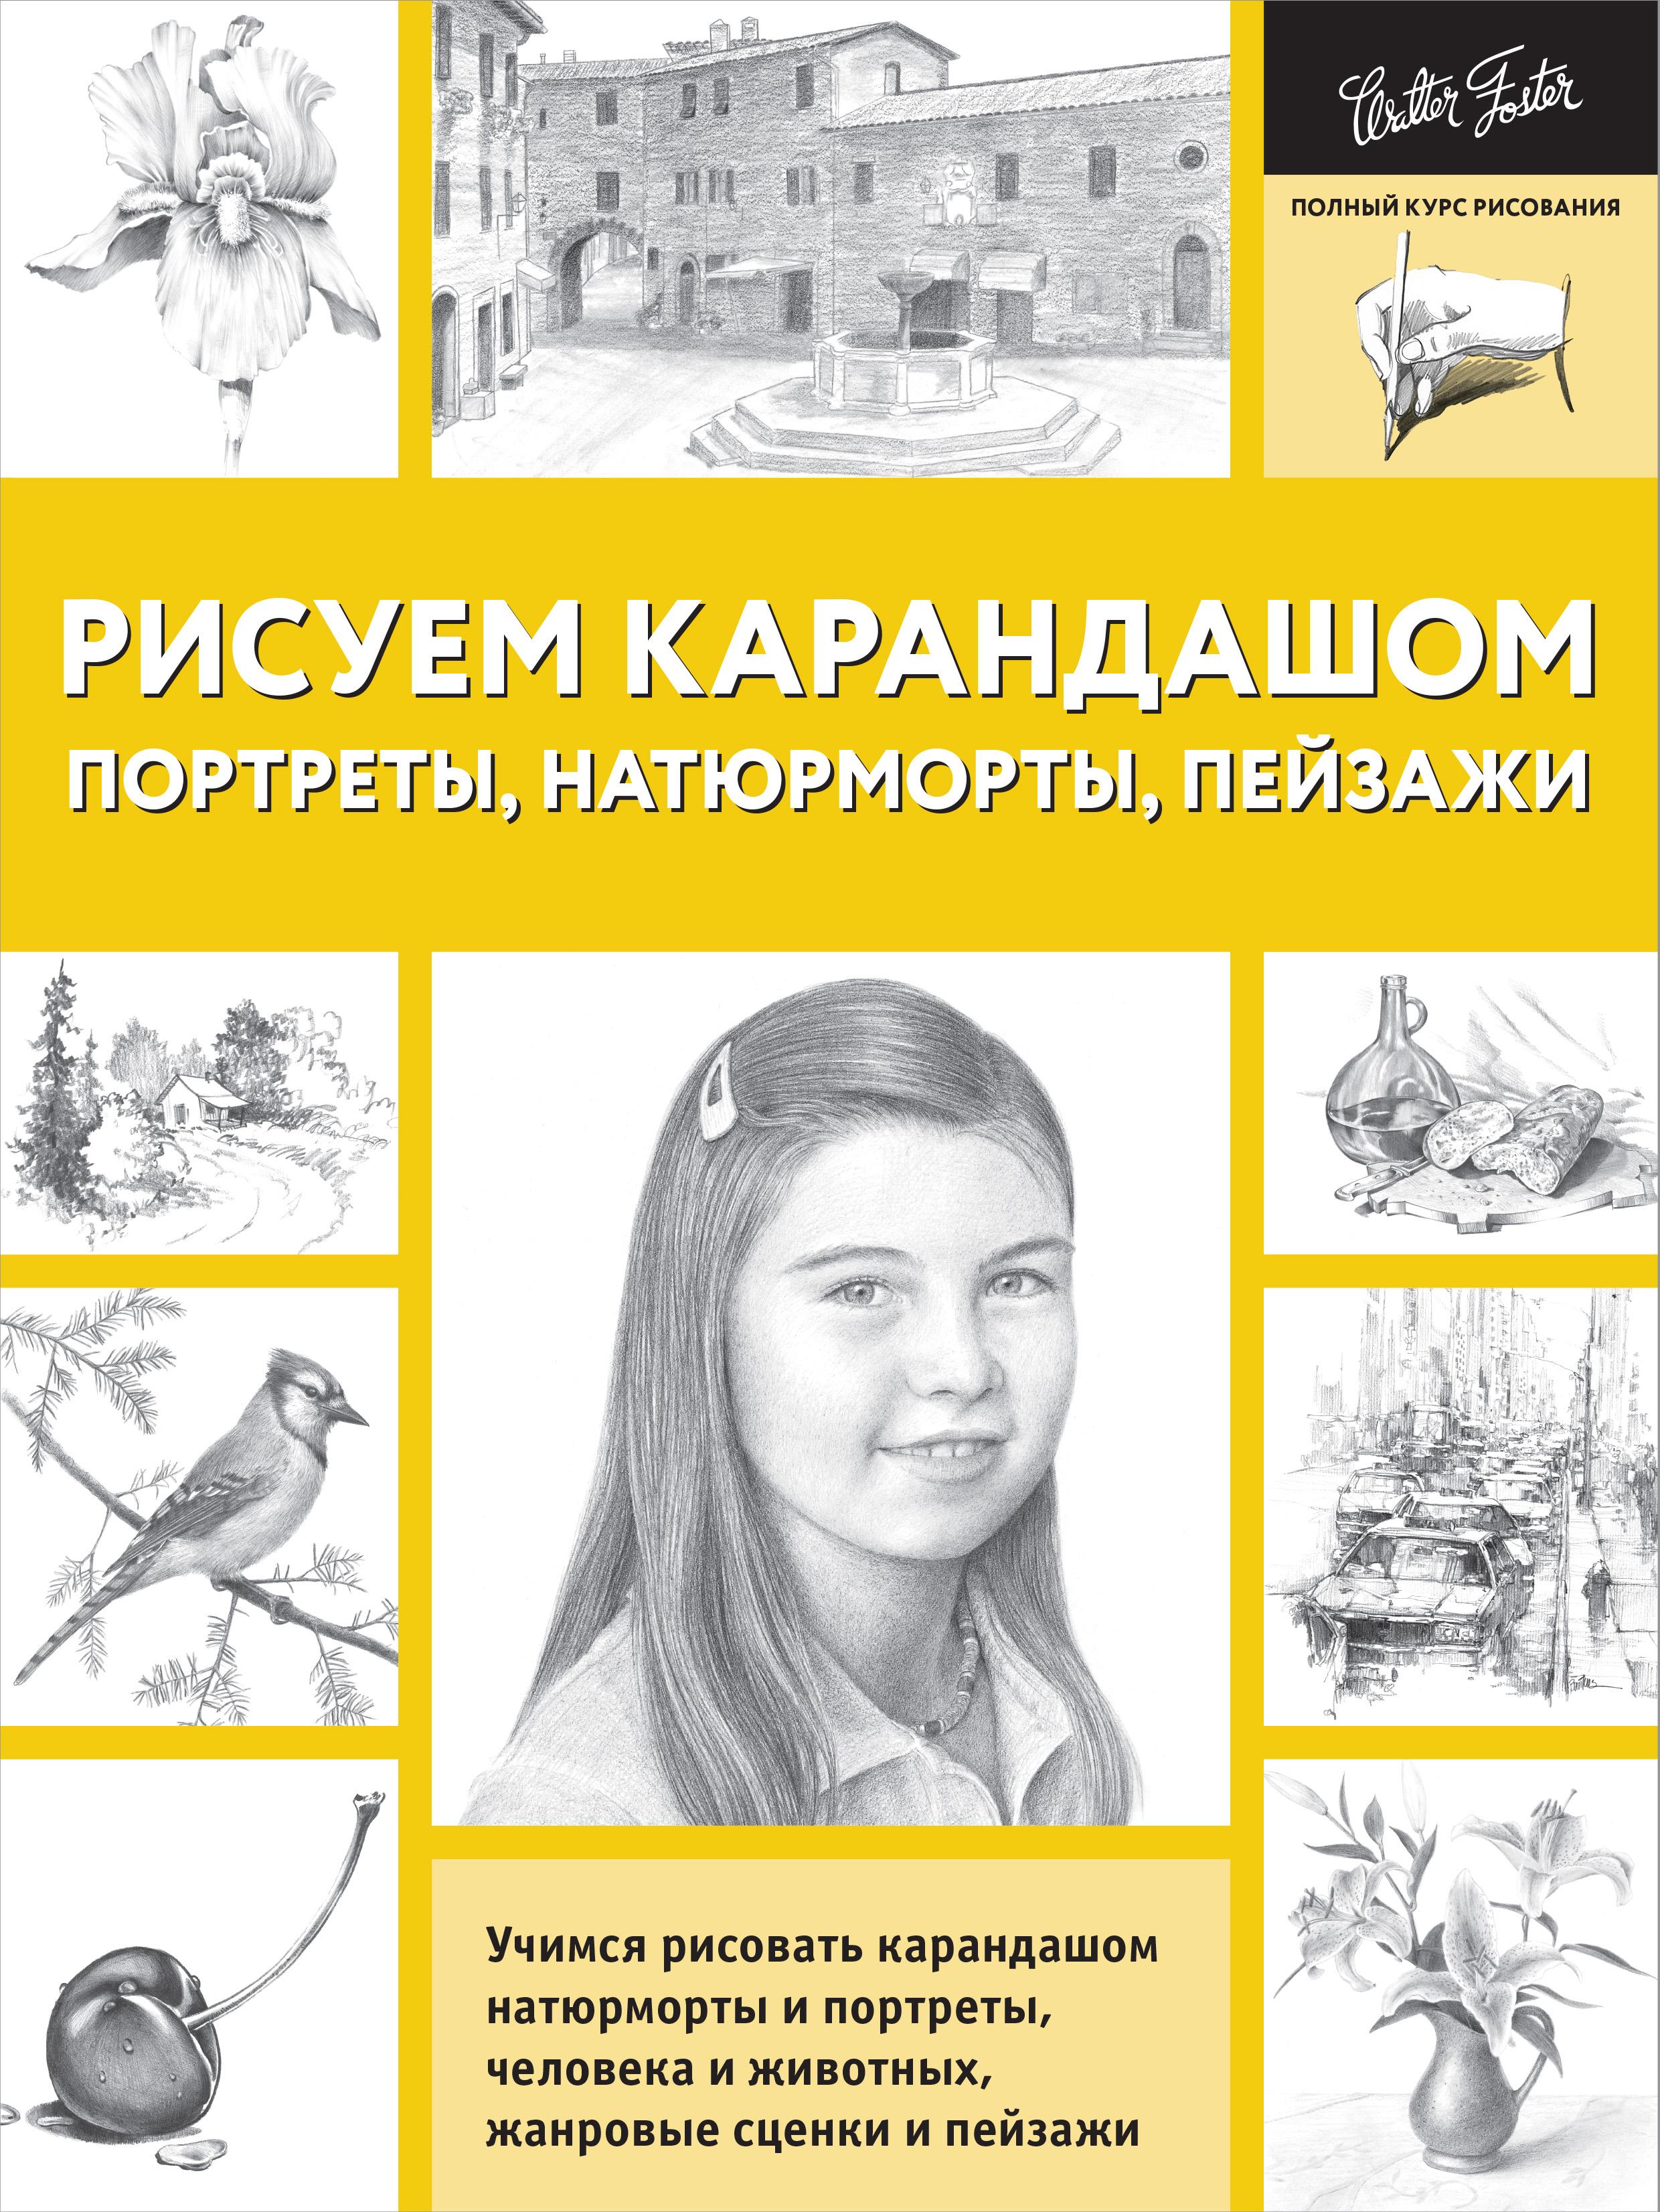 Рисуем карандашом портреты, натюрморты, пейзажи ( .  )